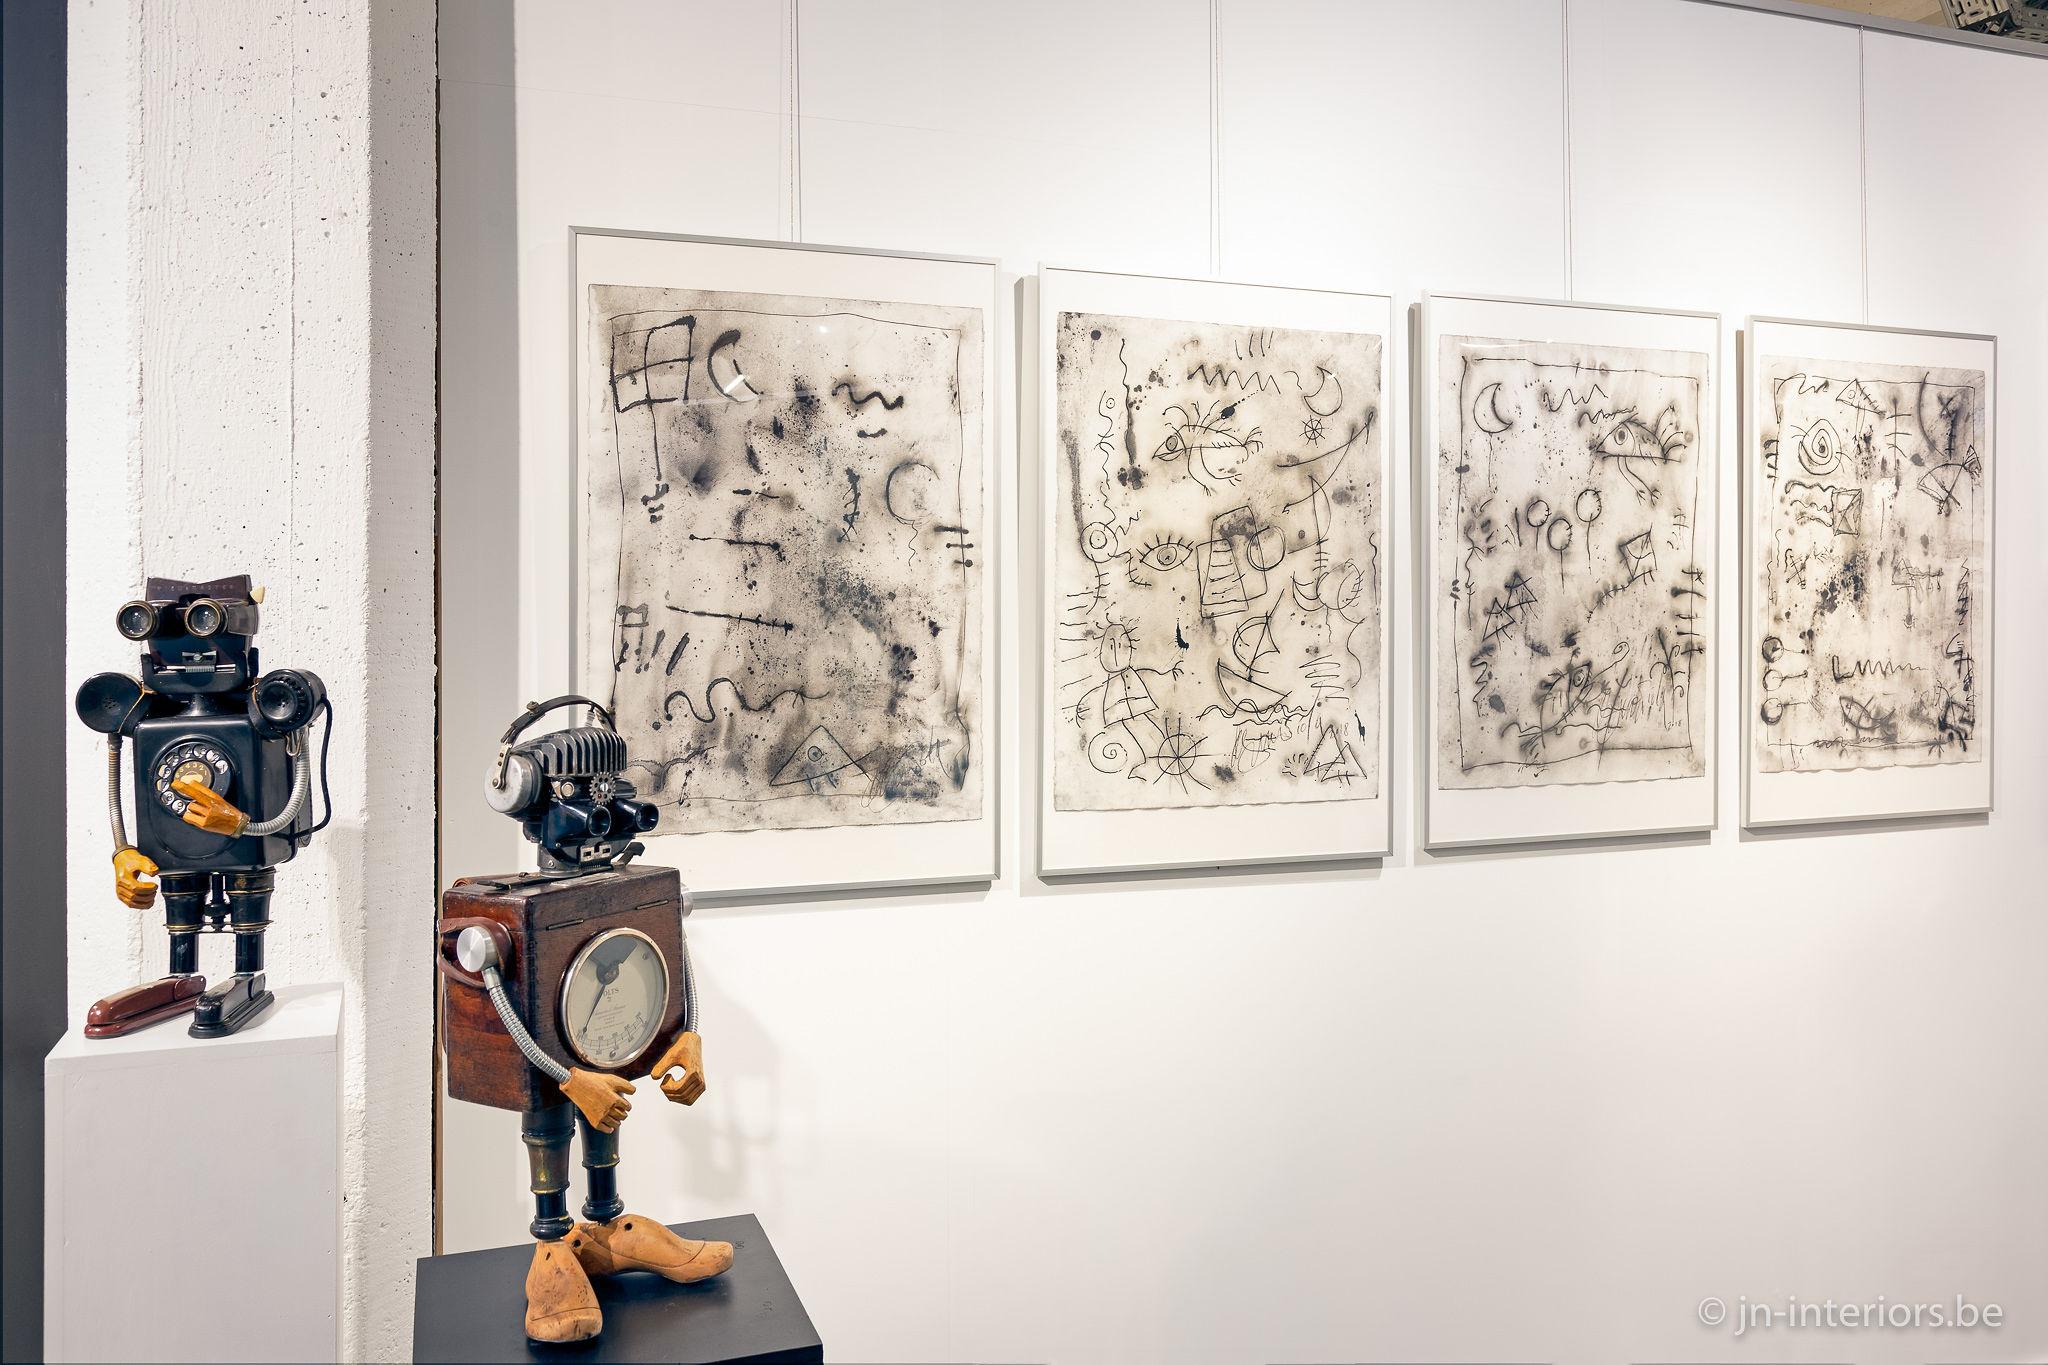 exposition d'art, sculptures de robot, dessin artiste belge, oeuvre d'art, galerie d'art, magasin de décoration belgique, jn interiors, jour et nuit liège verviers